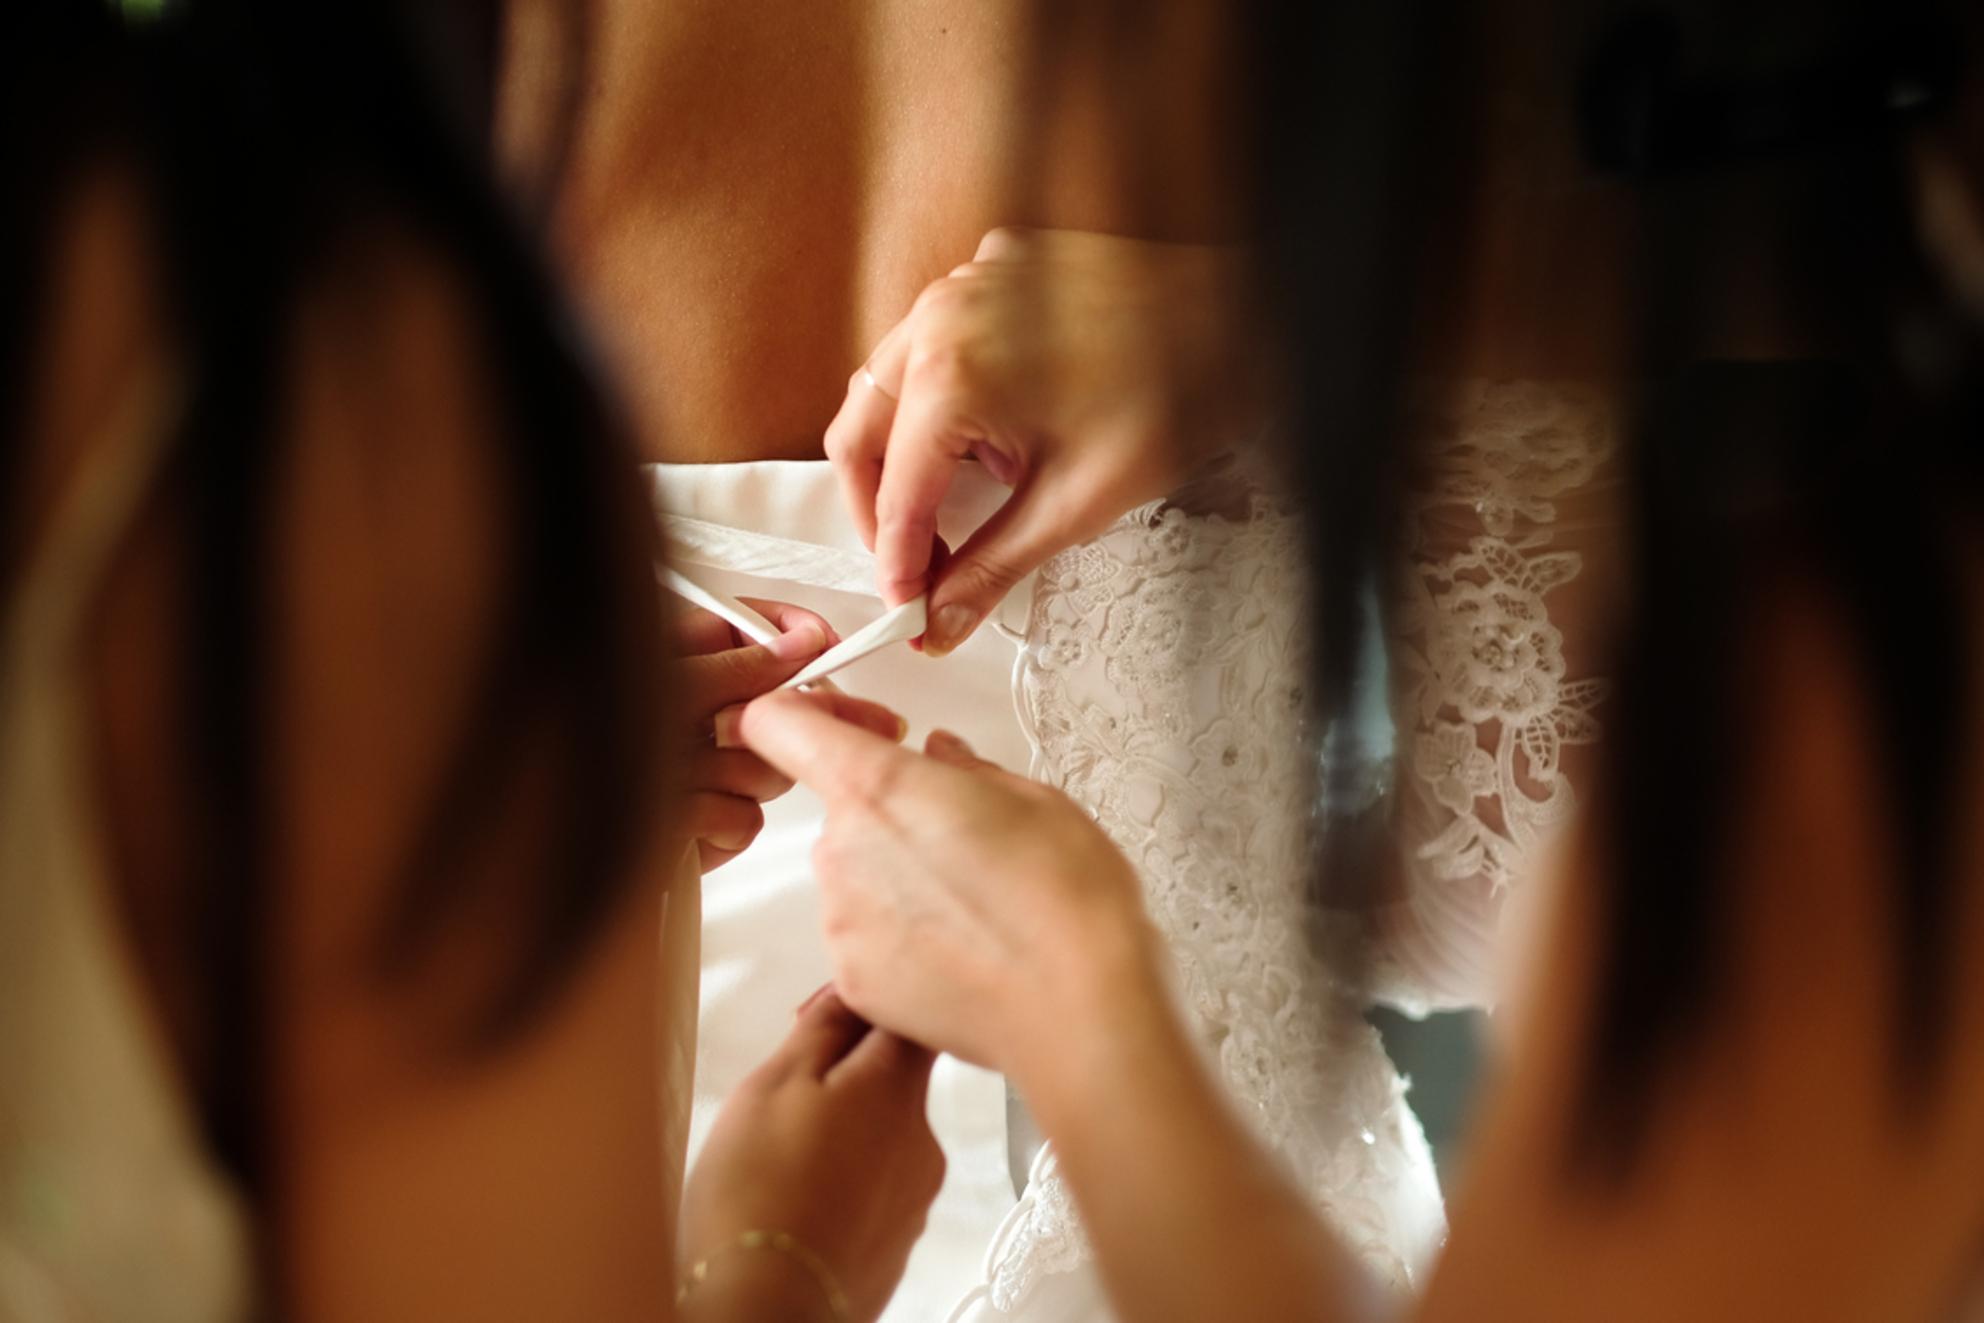 Voor de bruiloft 1 - - - foto door Ingemarije9955 op 24-10-2017 - deze foto bevat: bruid, bruiloft, intiem, bruidsmeisjes, fujifilm, bruidsfotografie, bruidsjurk, f/1.2, 56mm